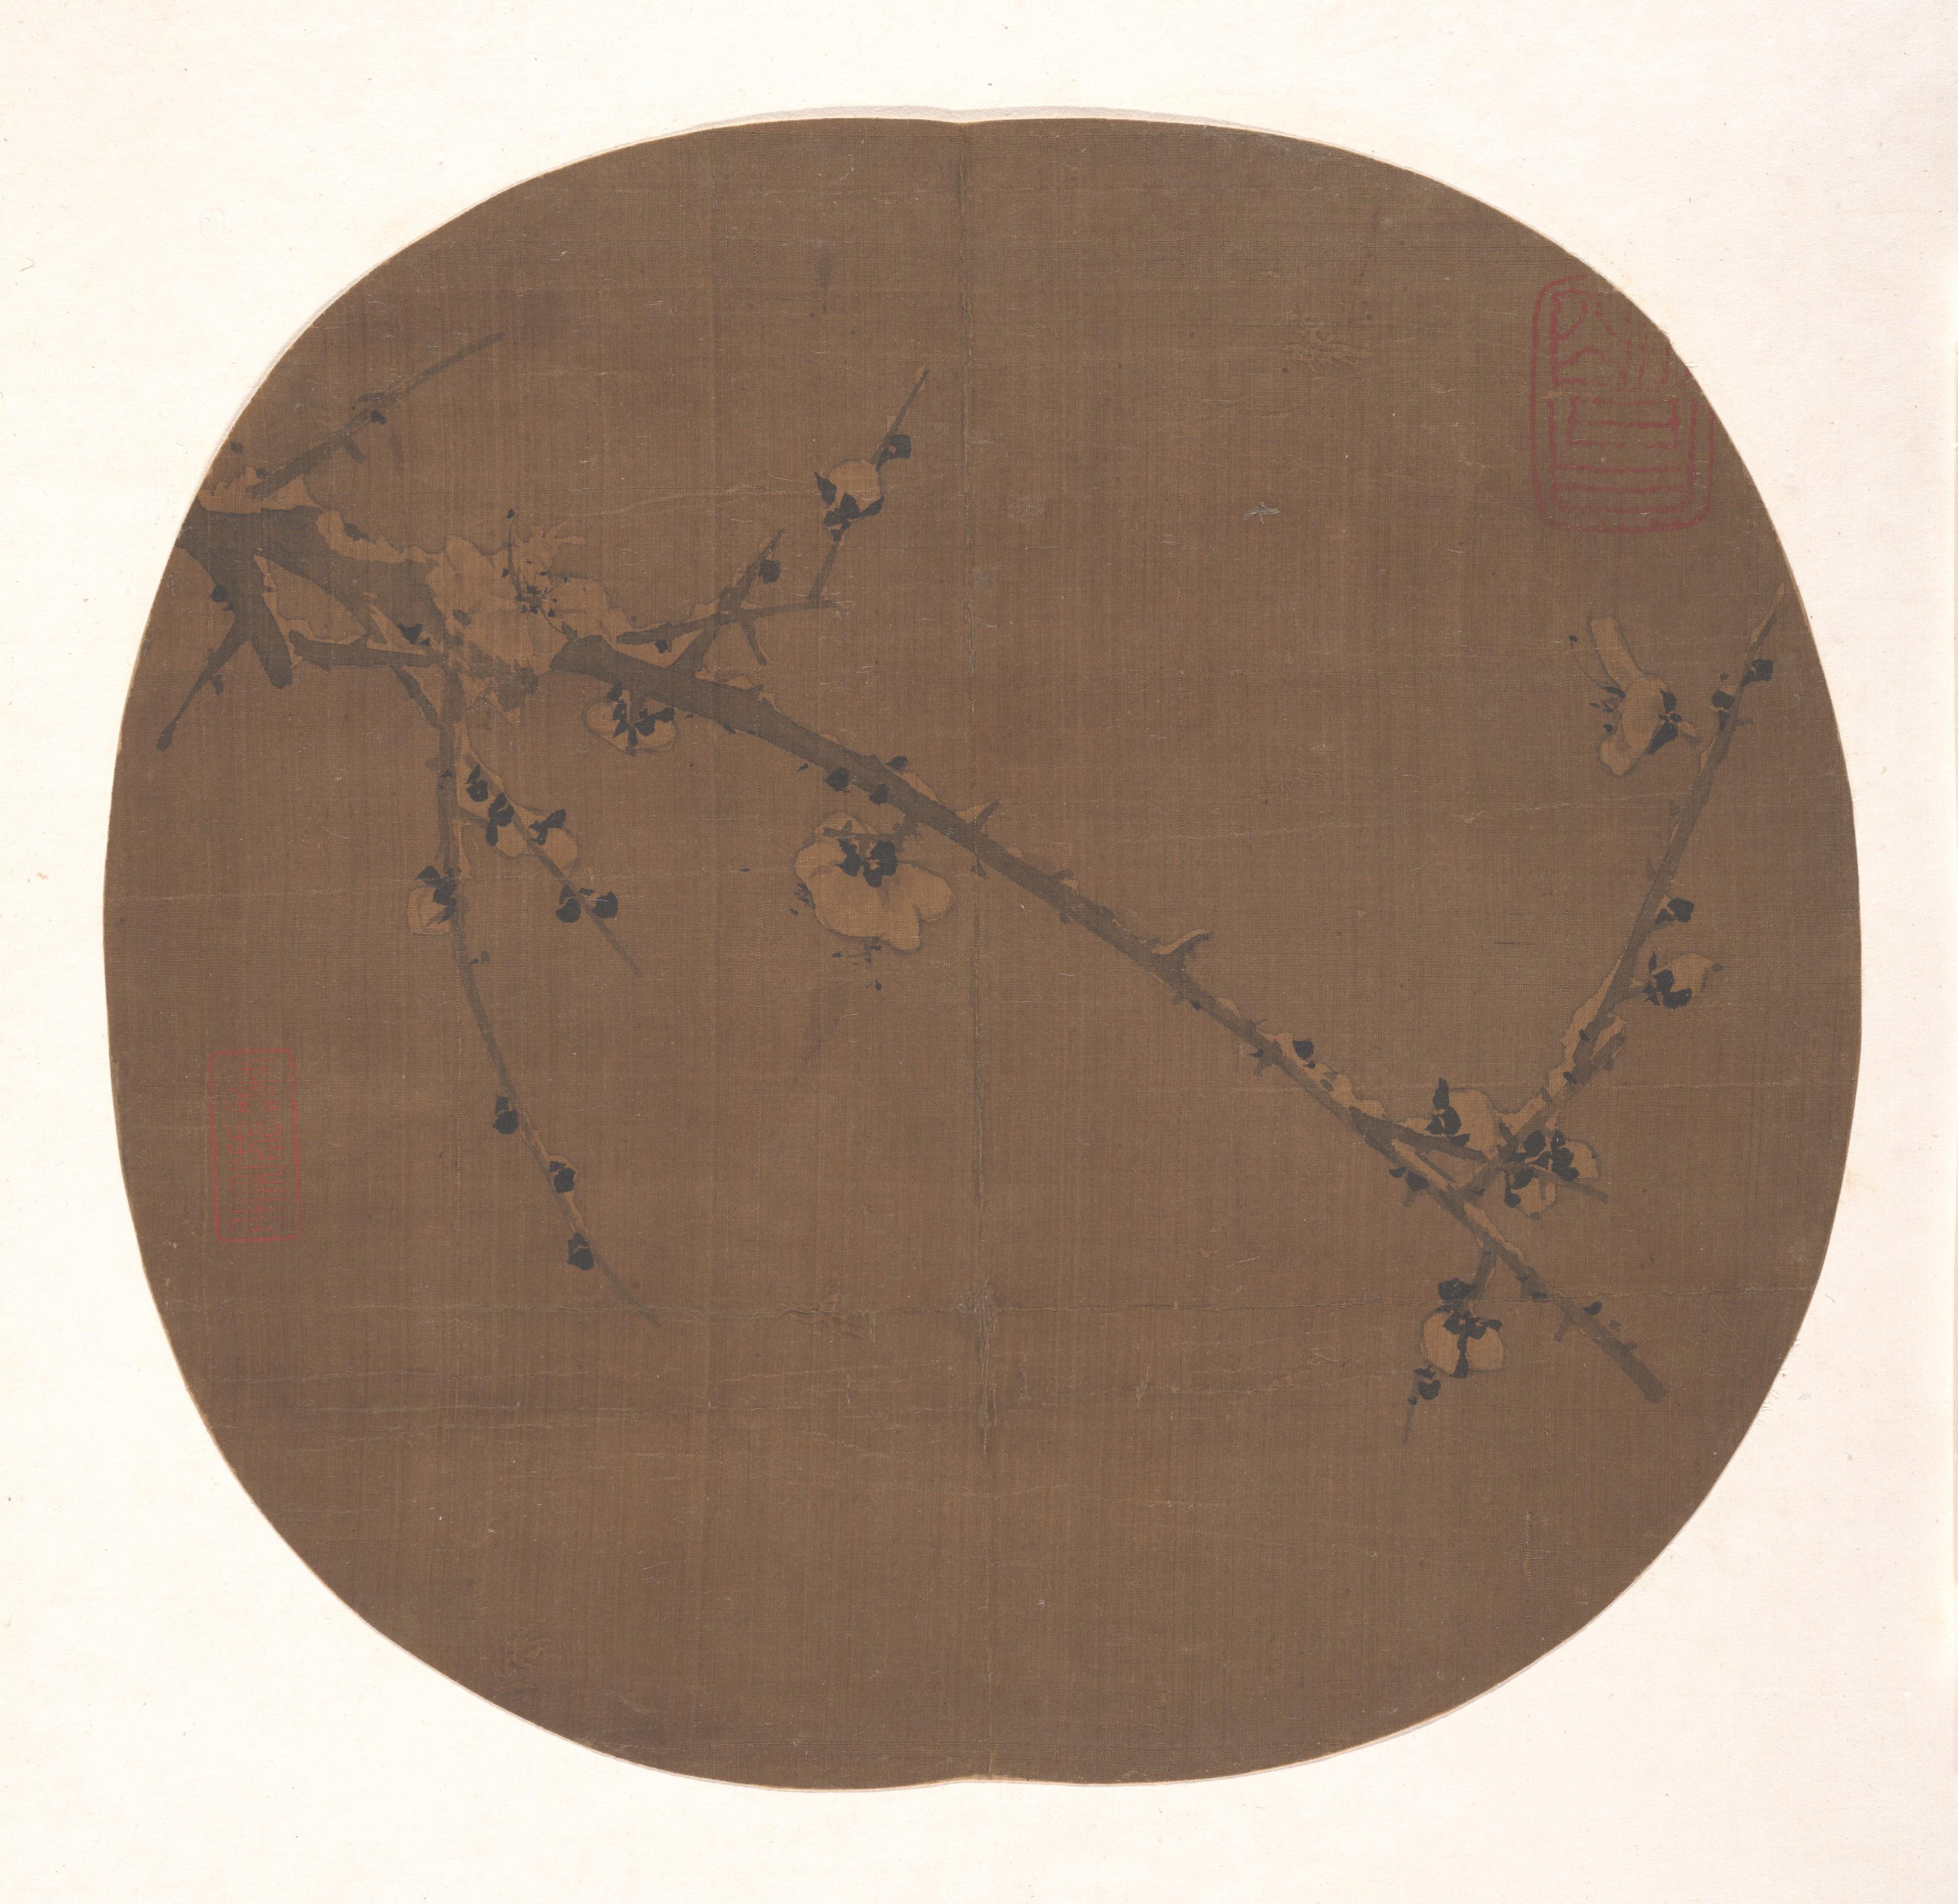 צייר סיני לא ידוע, שזיף בשלג, המטרופוליטן.jpg